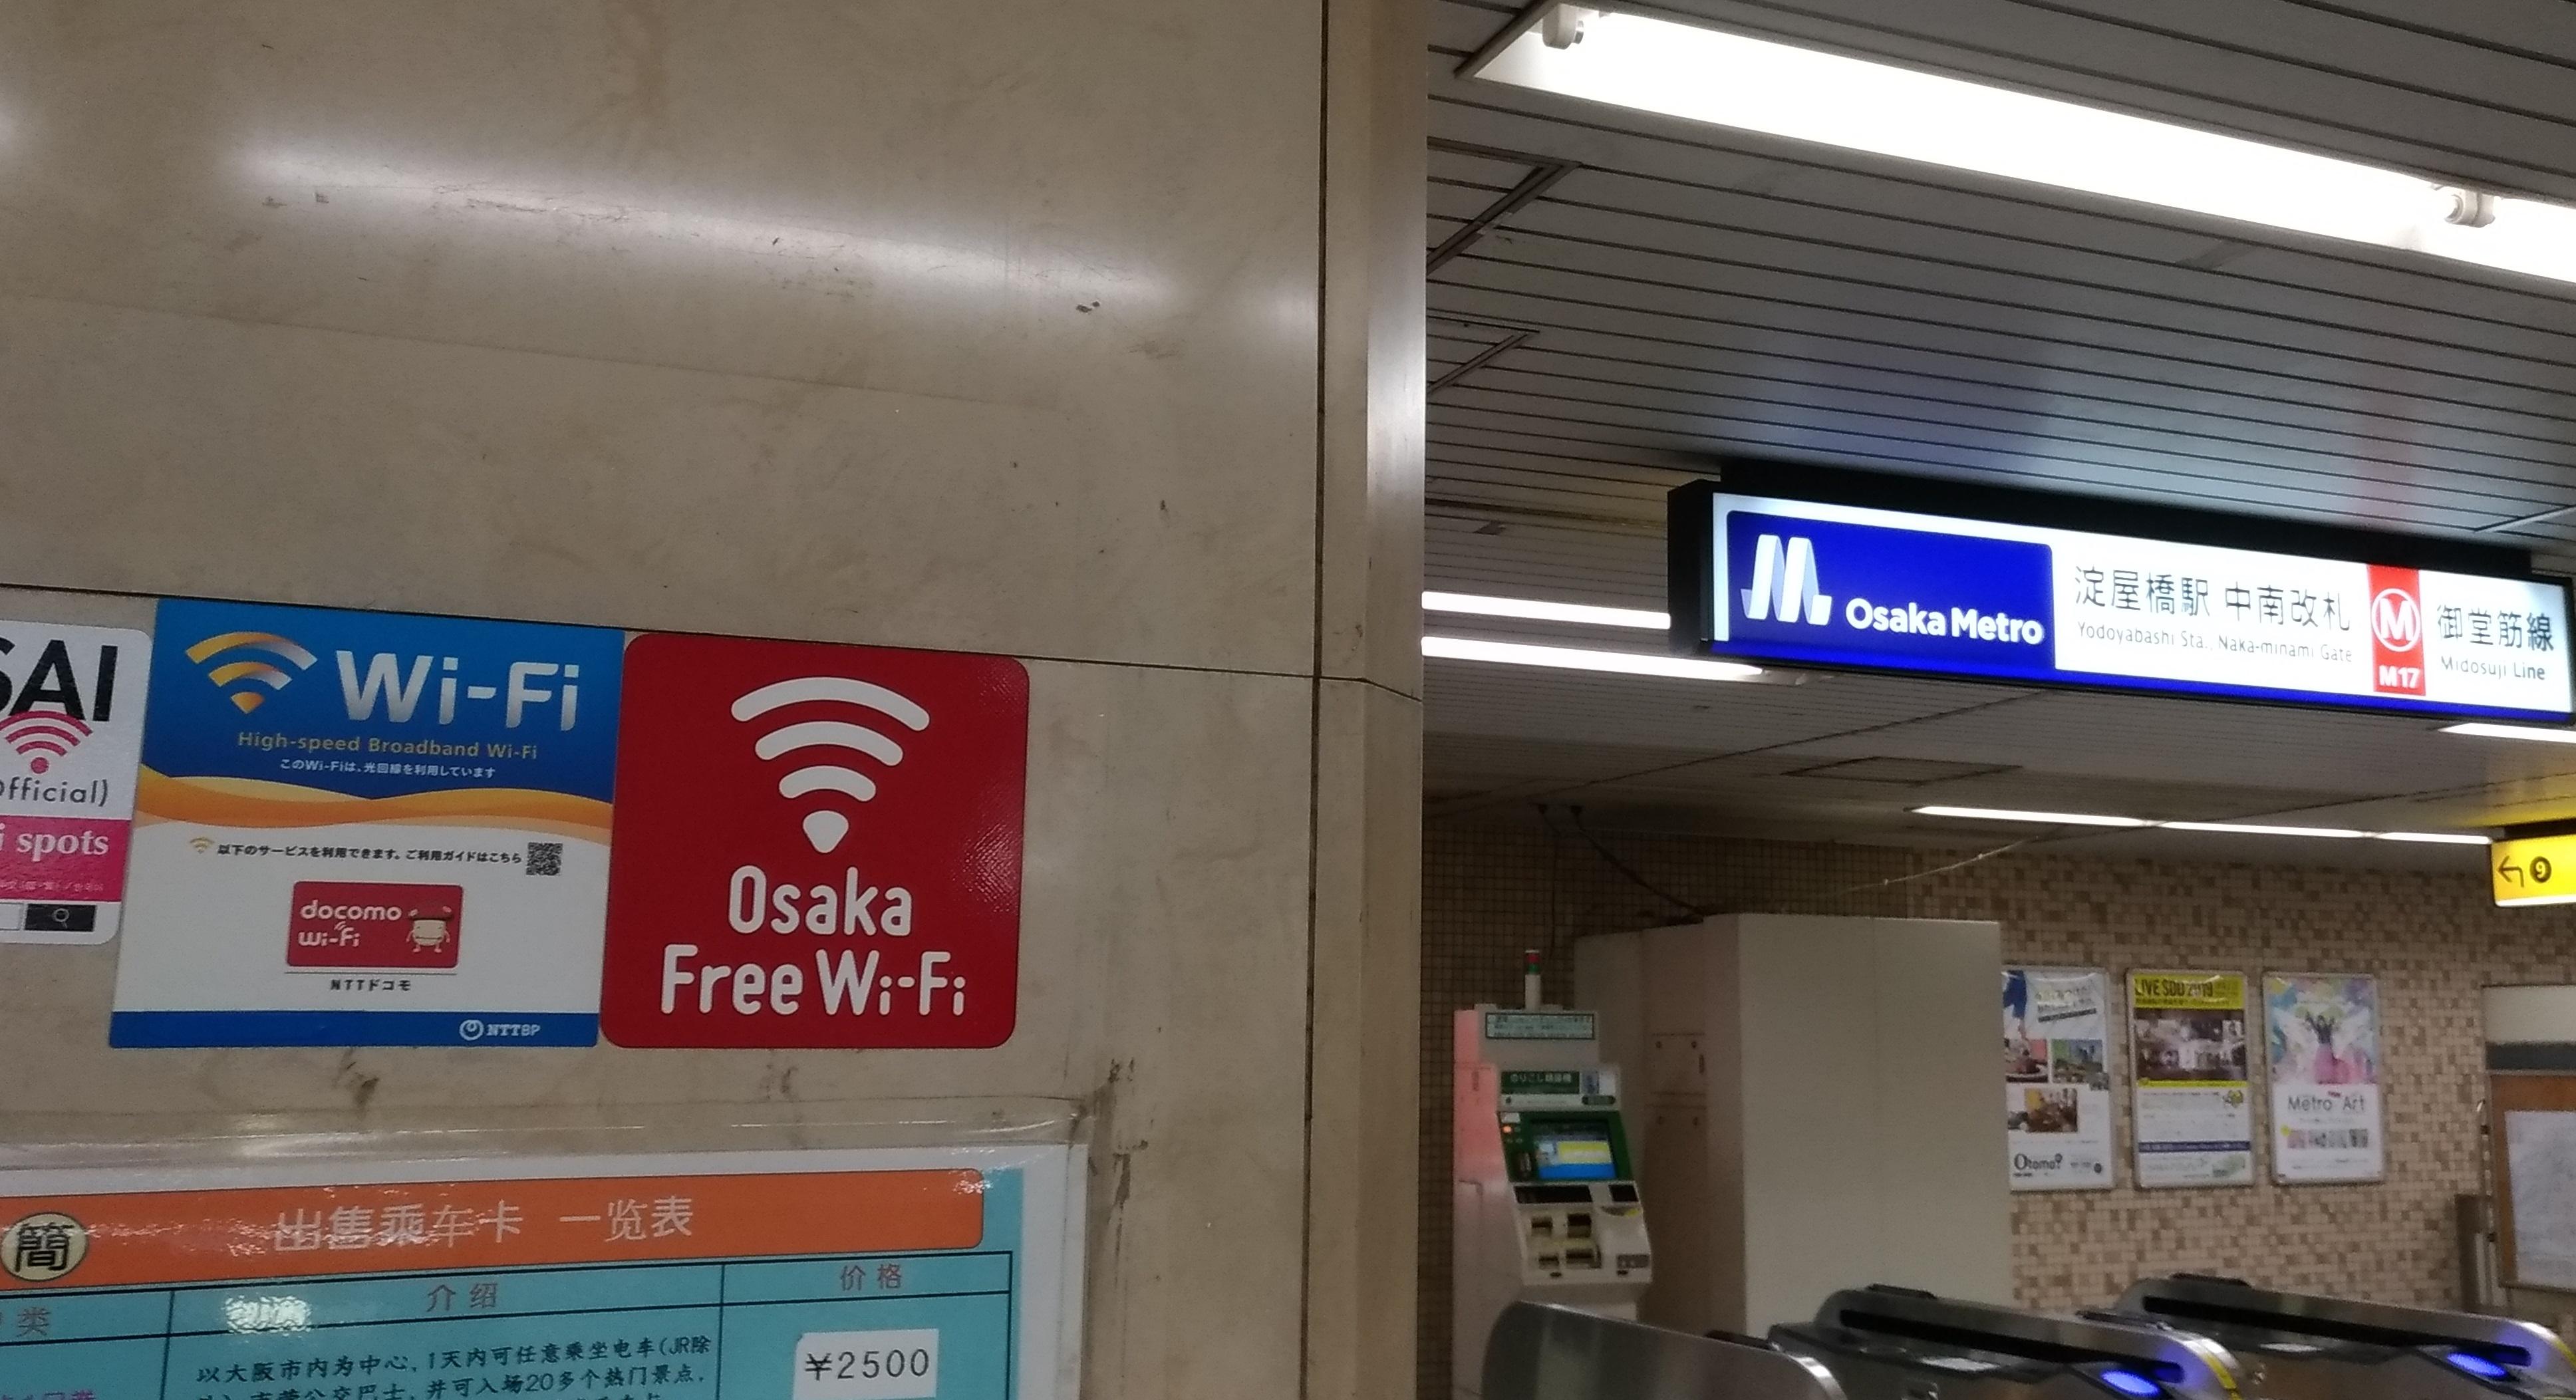 osaka_wifi_free_sumaho_spot.jpg